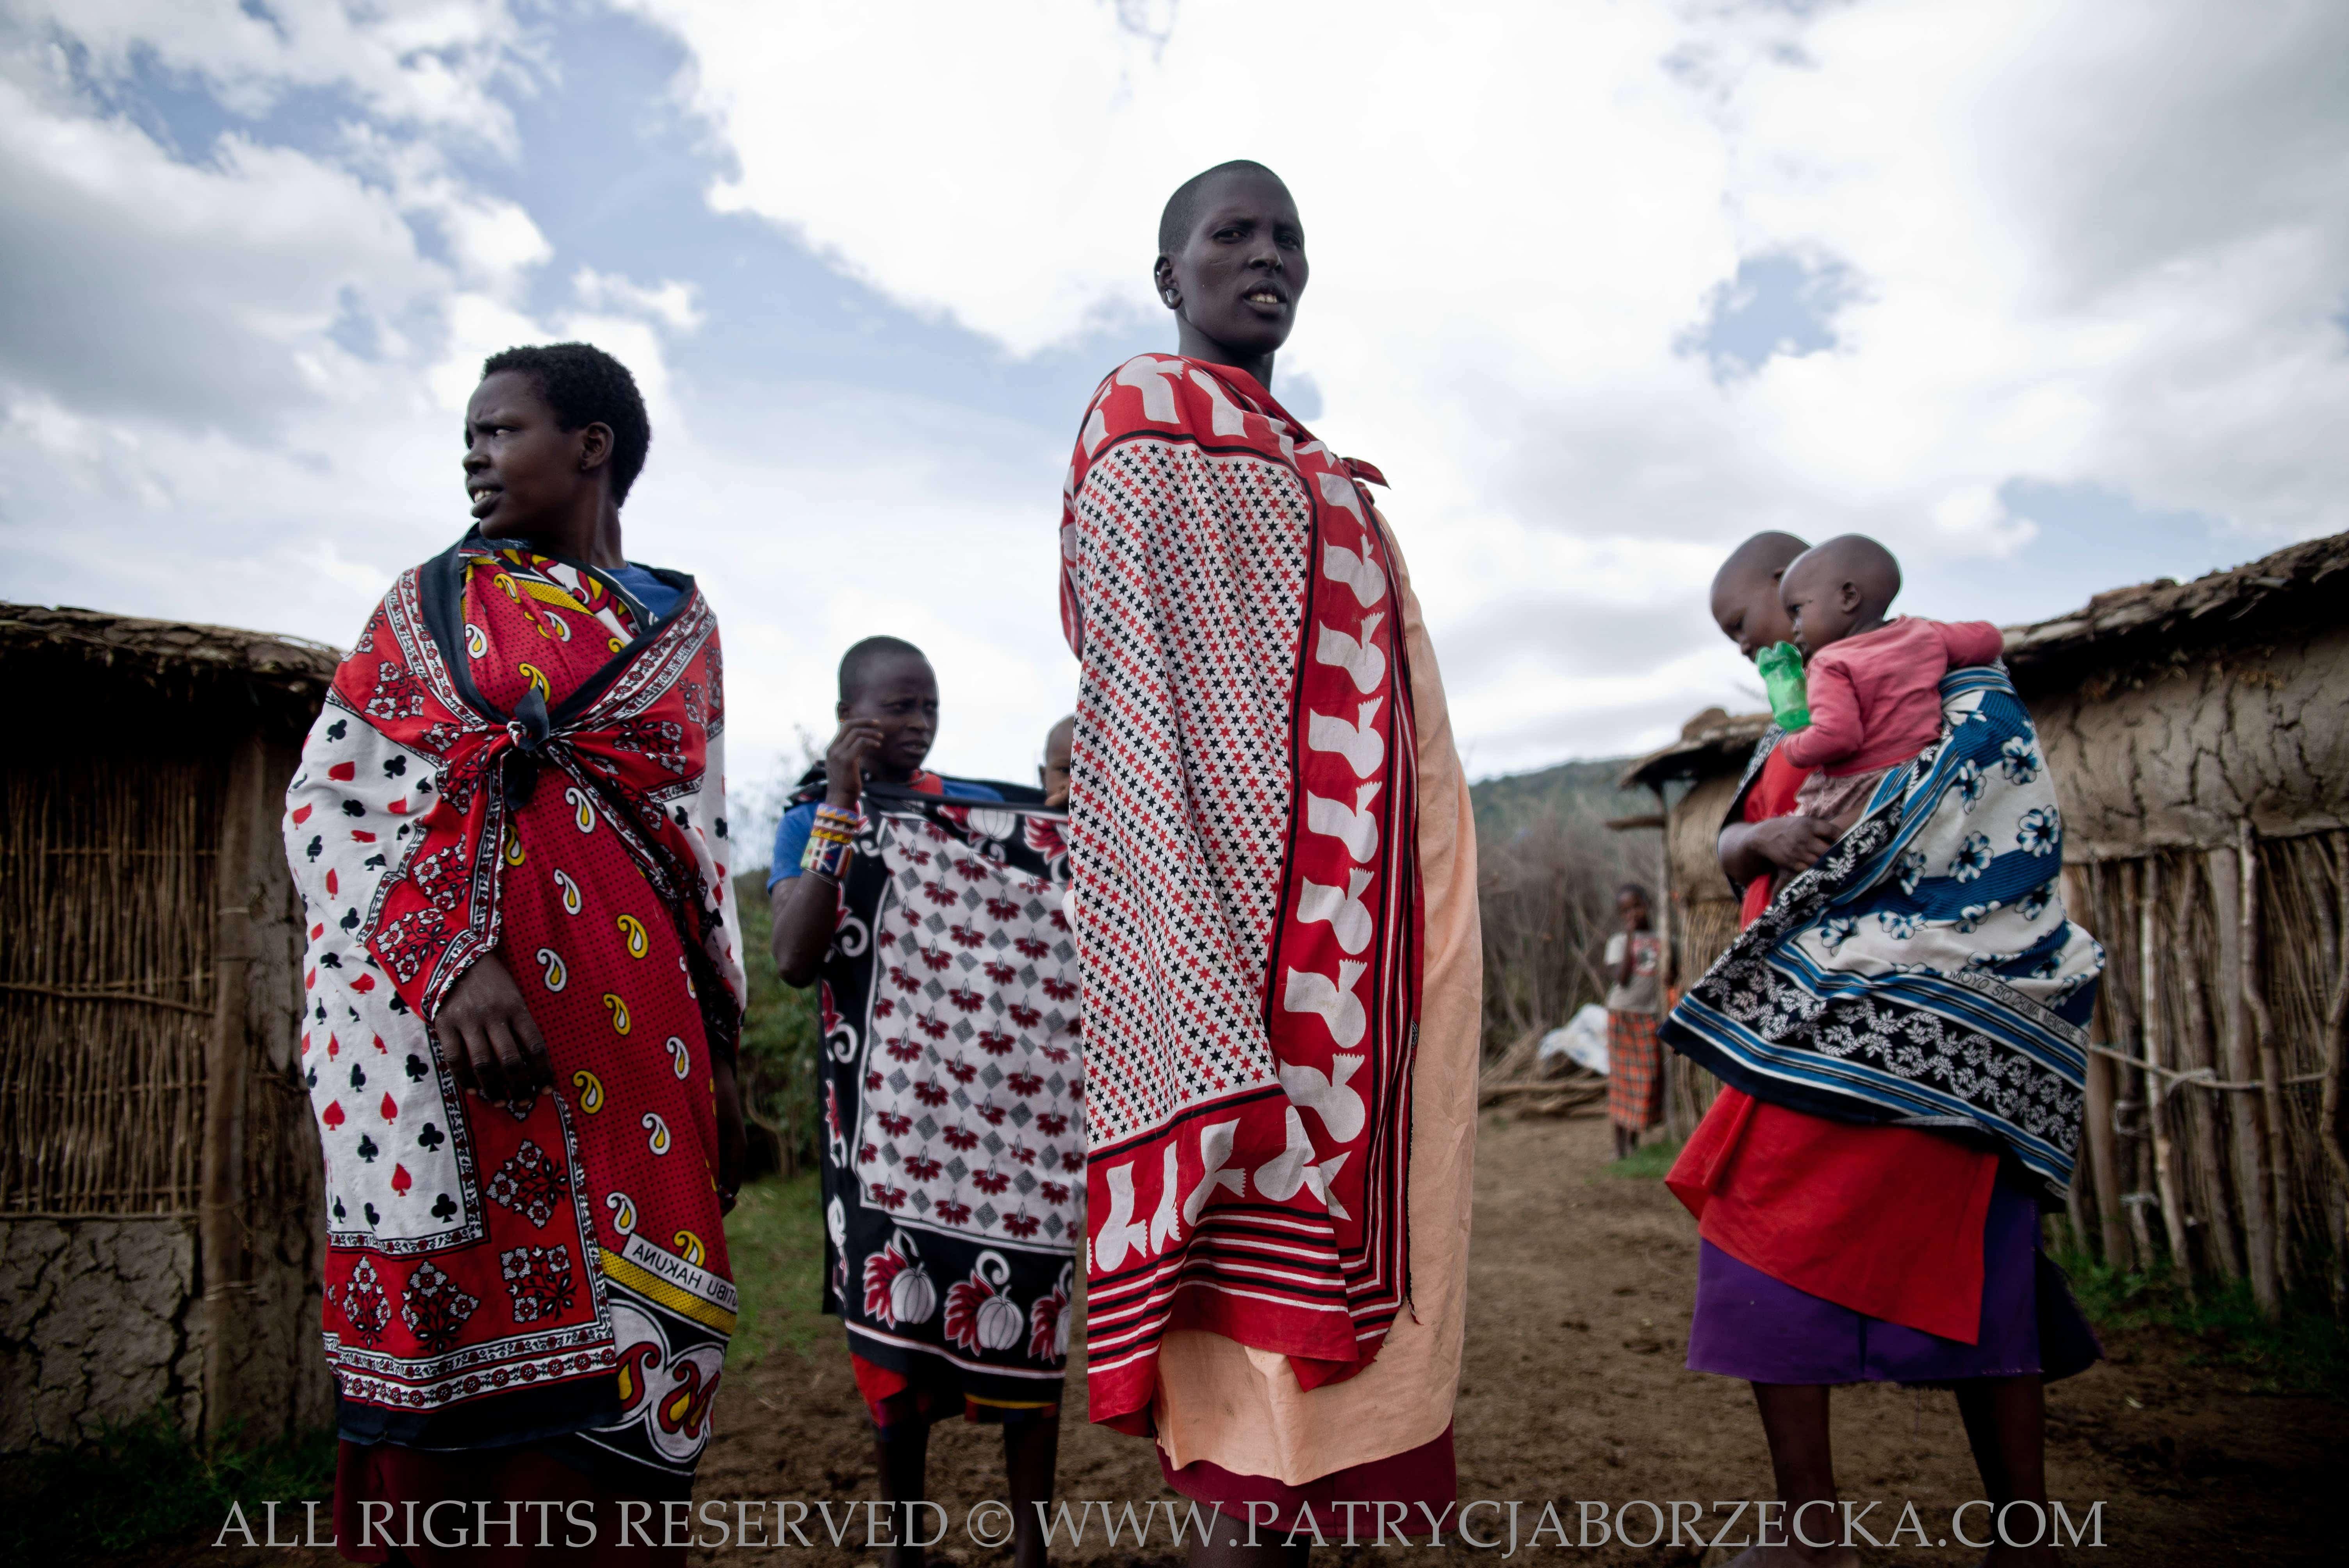 Kobiety masajskie w tradycyjnych strojach. Masai Mara, Kenia, luty 2015.